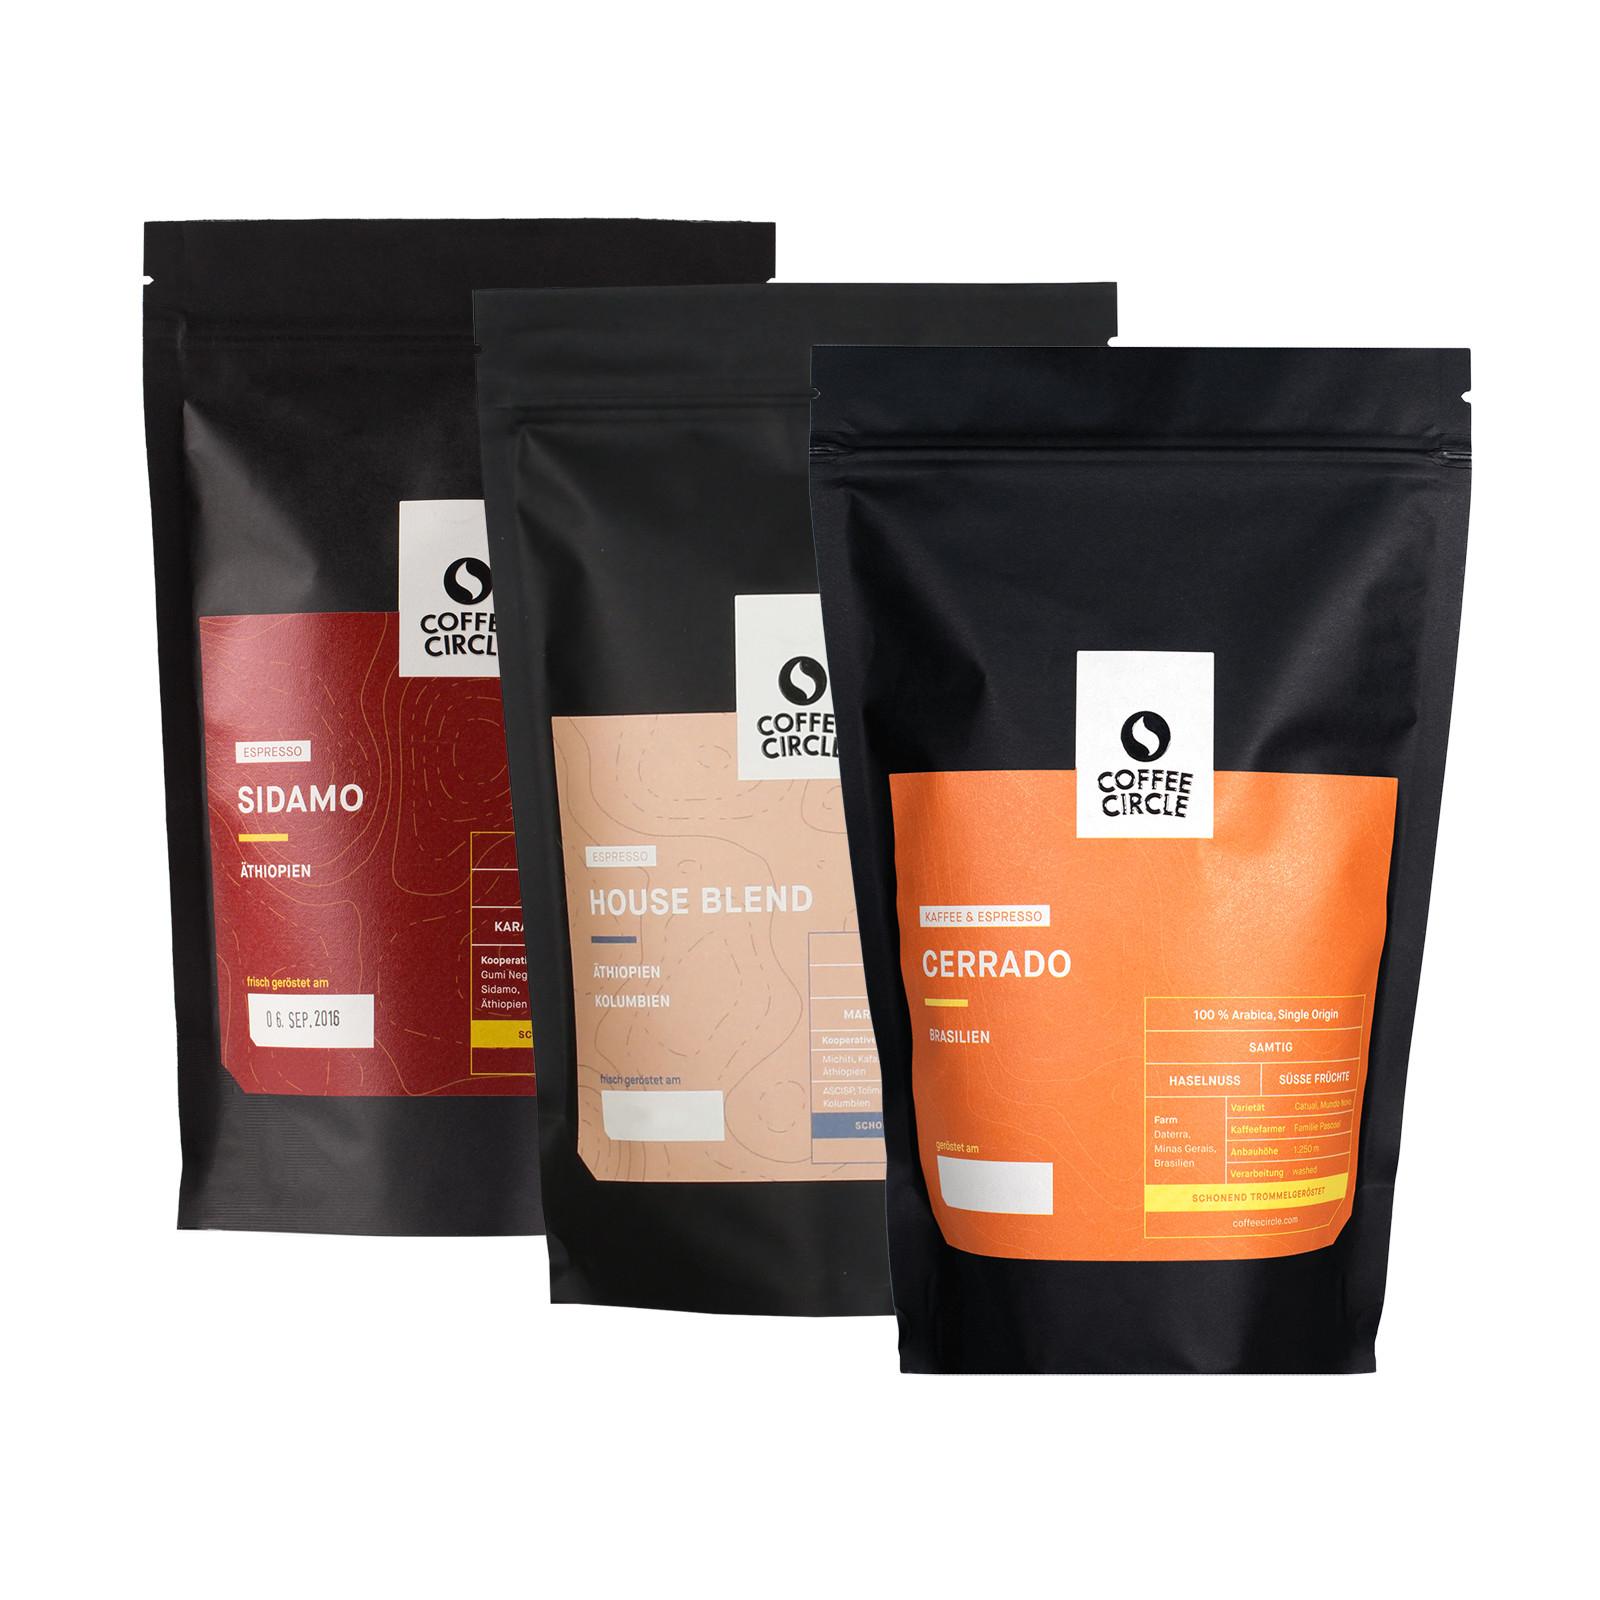 Espresso Dreierpack bei Coffee Circle im Angebot